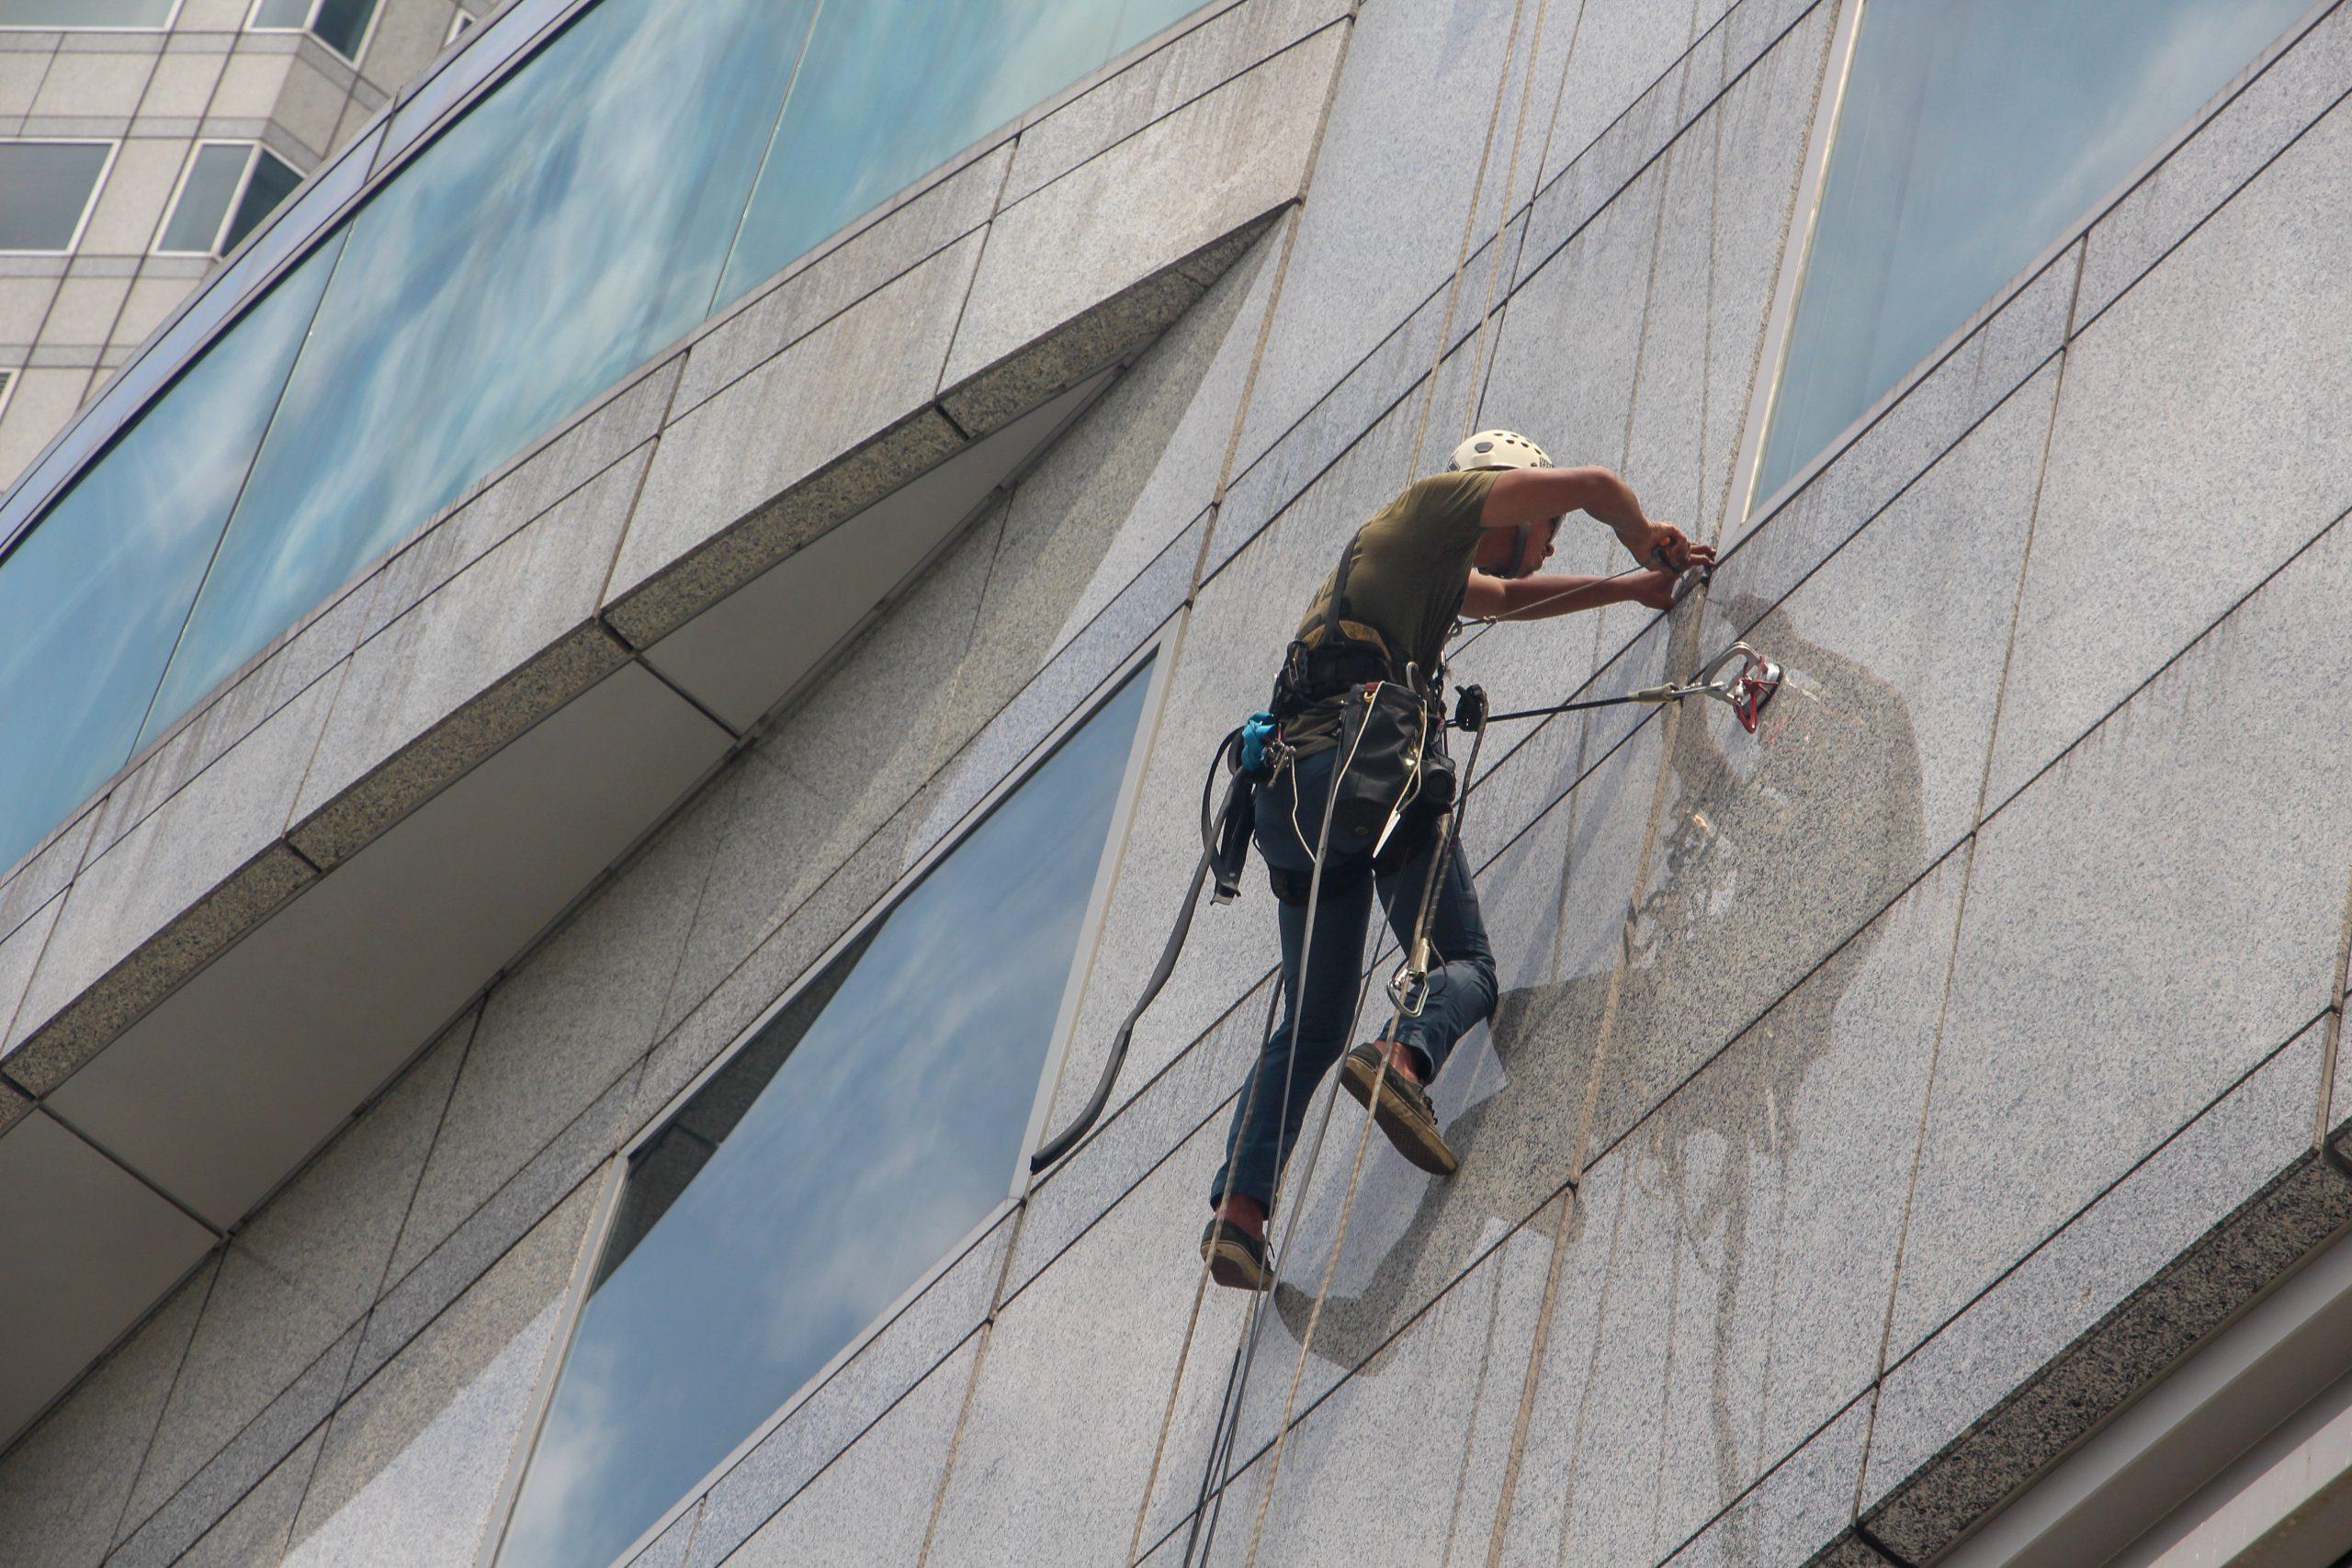 limpiar ventanas exterior